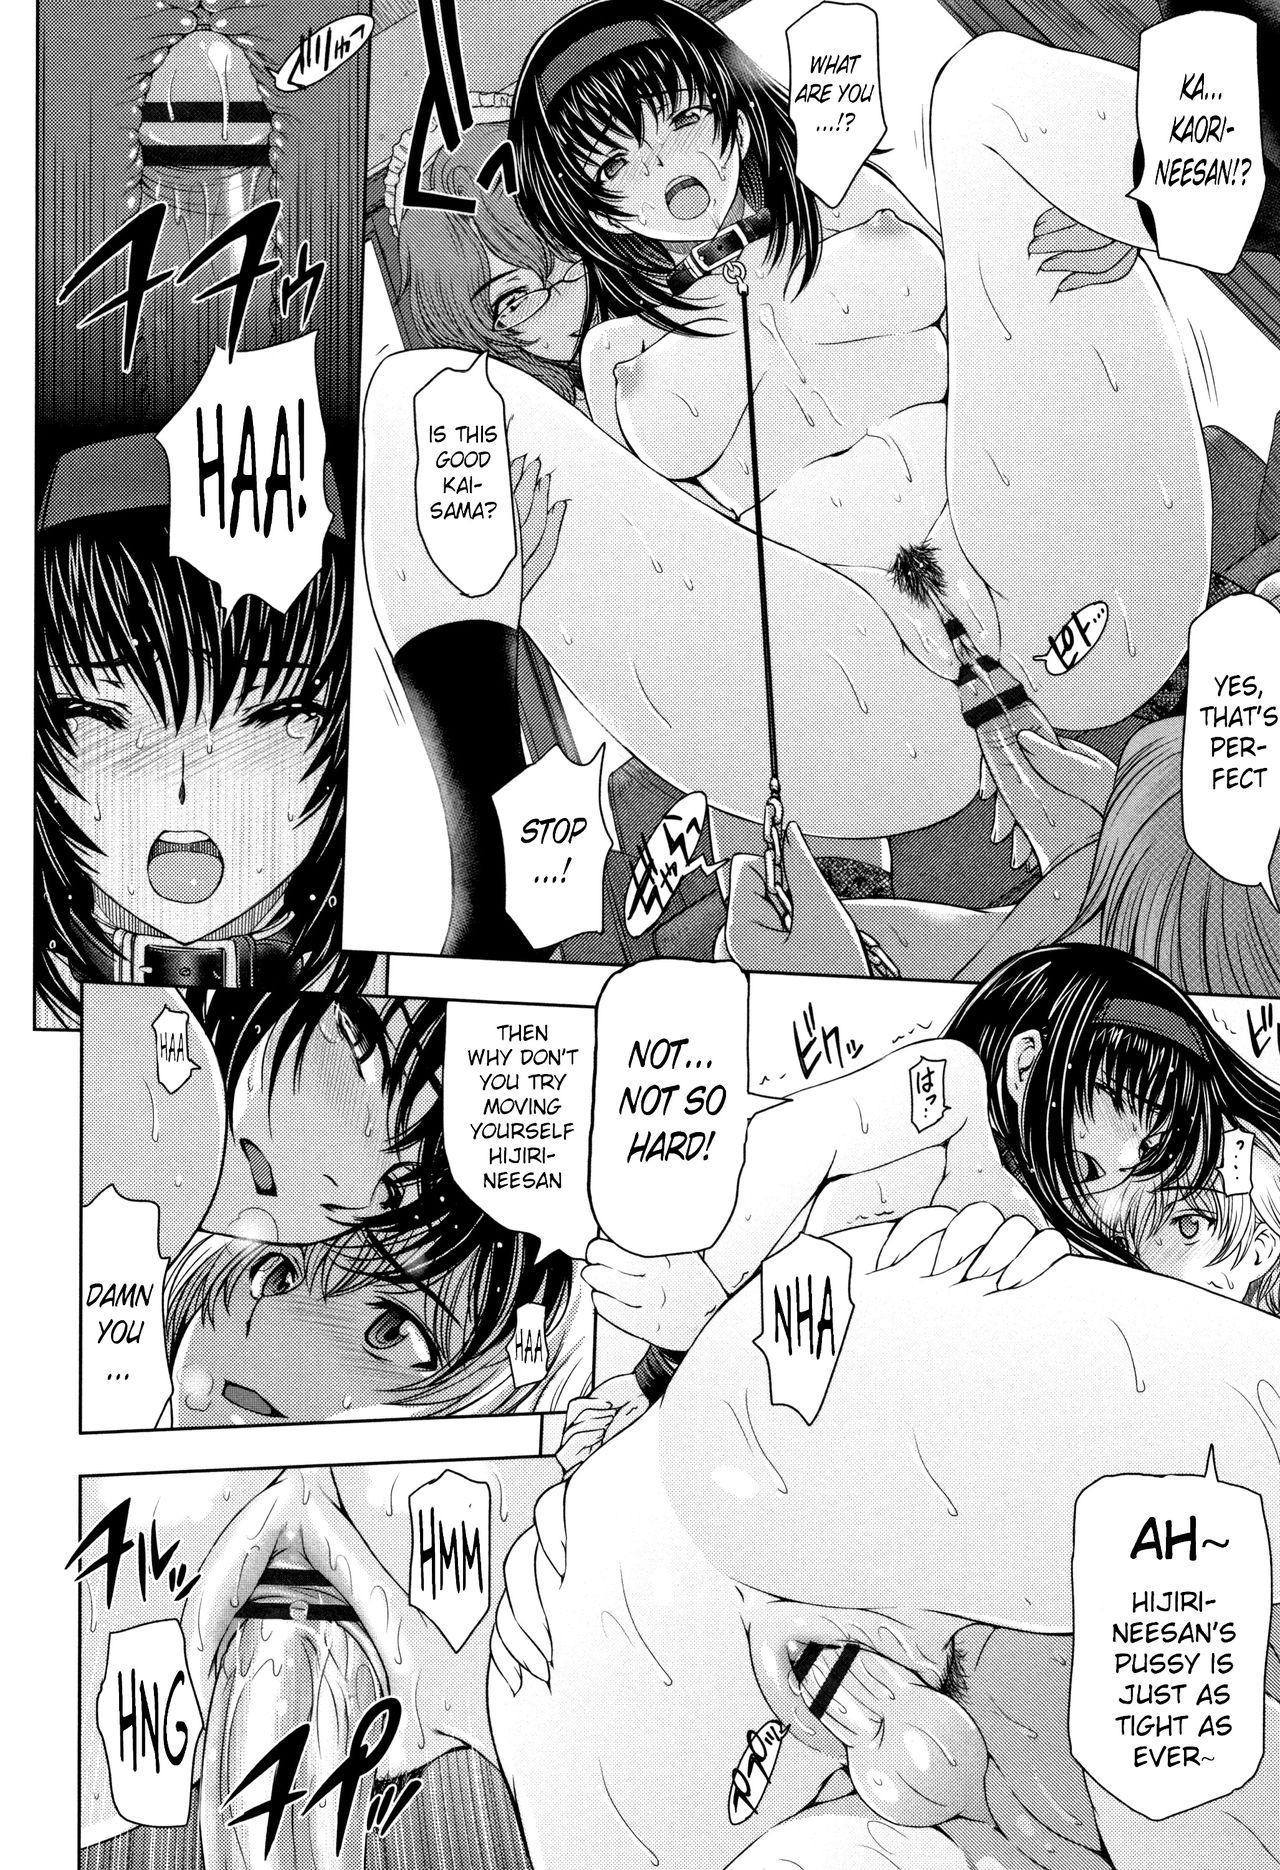 [Sena Youtarou] Natsu-jiru ~Ase ni Mamirete Gucchagucha~ Ch. 2-10 [English] [SaHa + Team Koinaka] 157